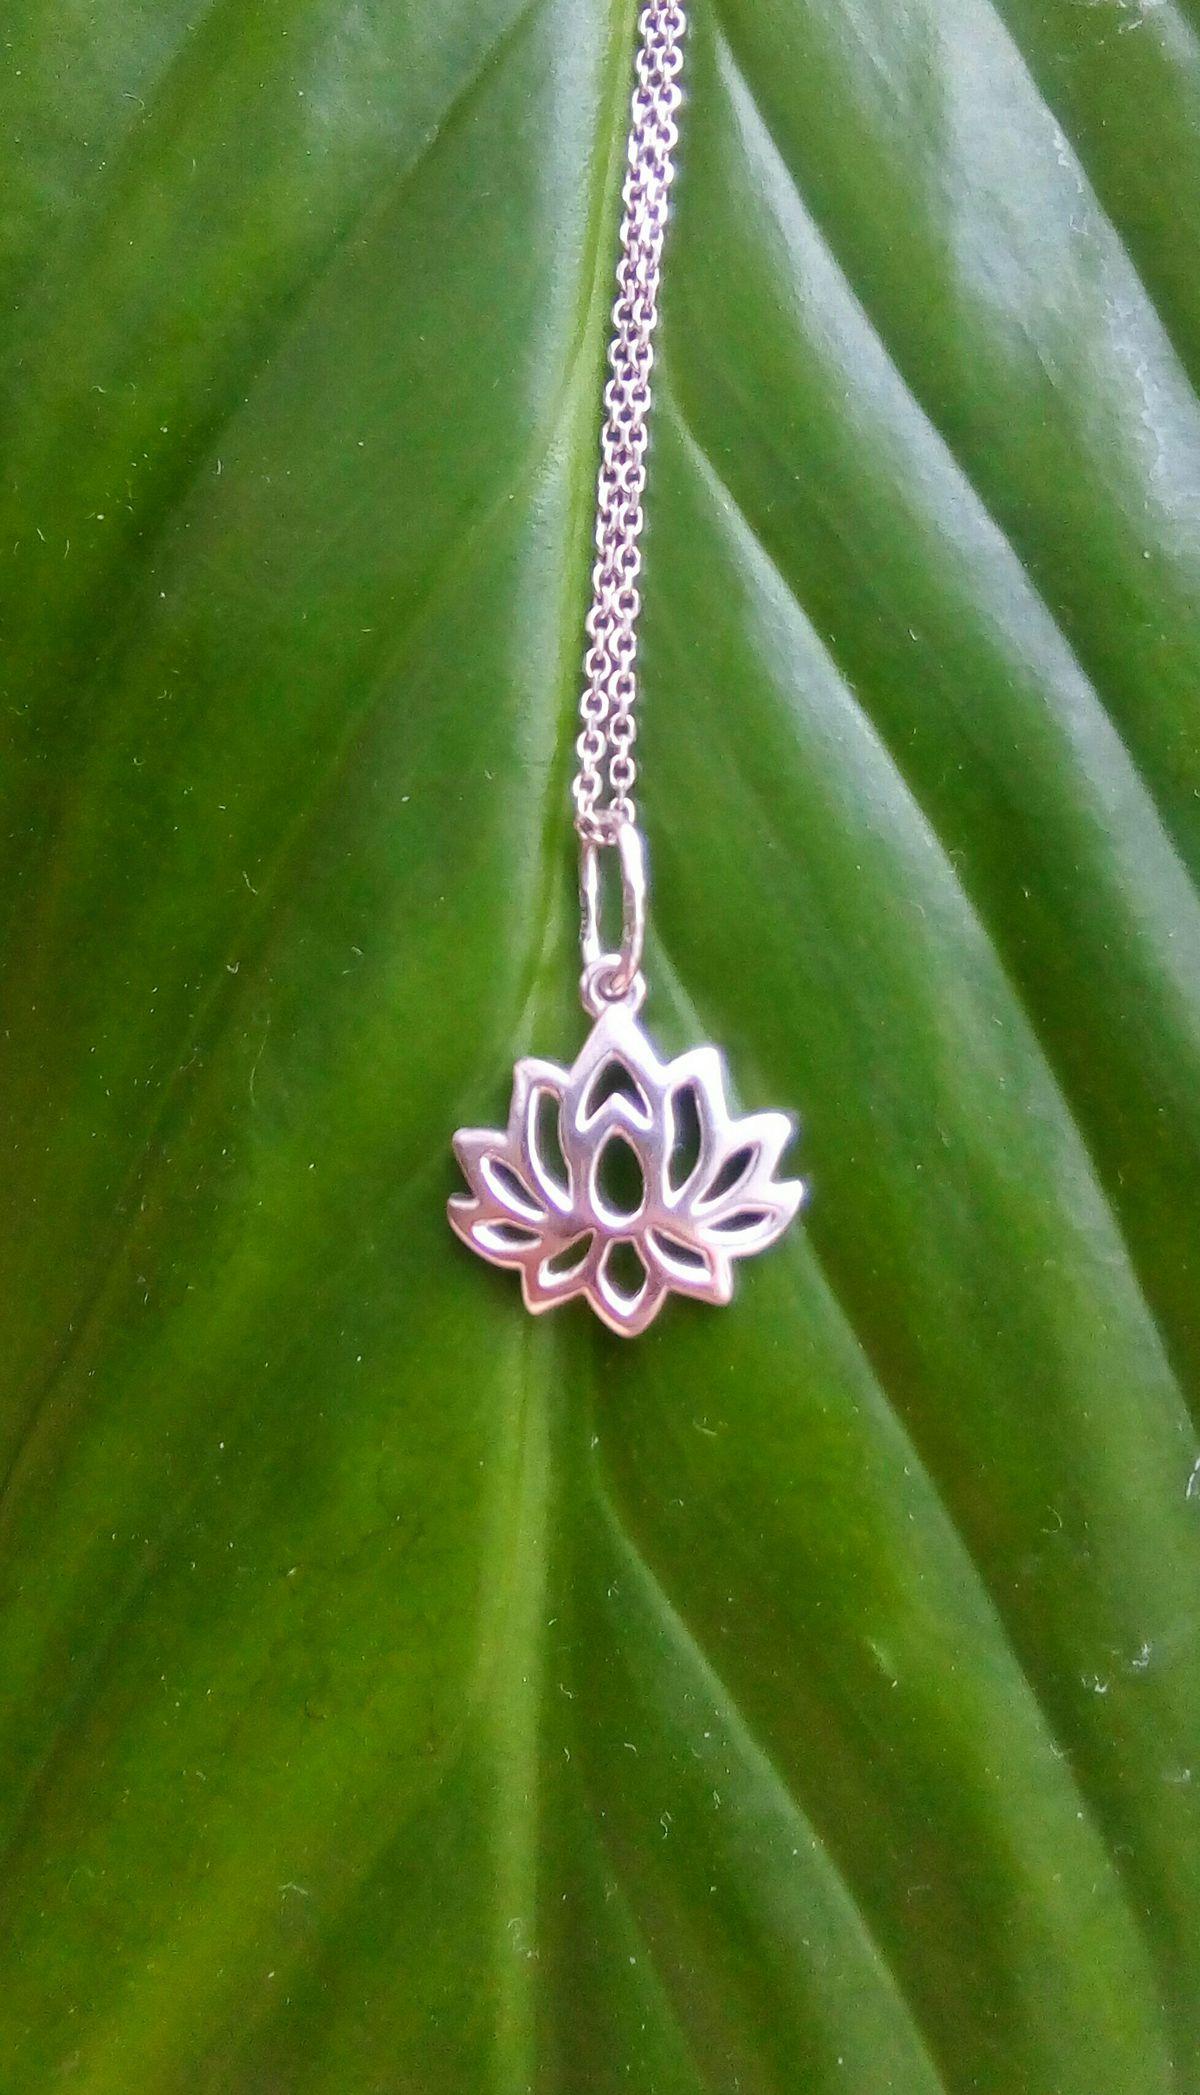 Изящный миниатюрный лотос - символ гармонии